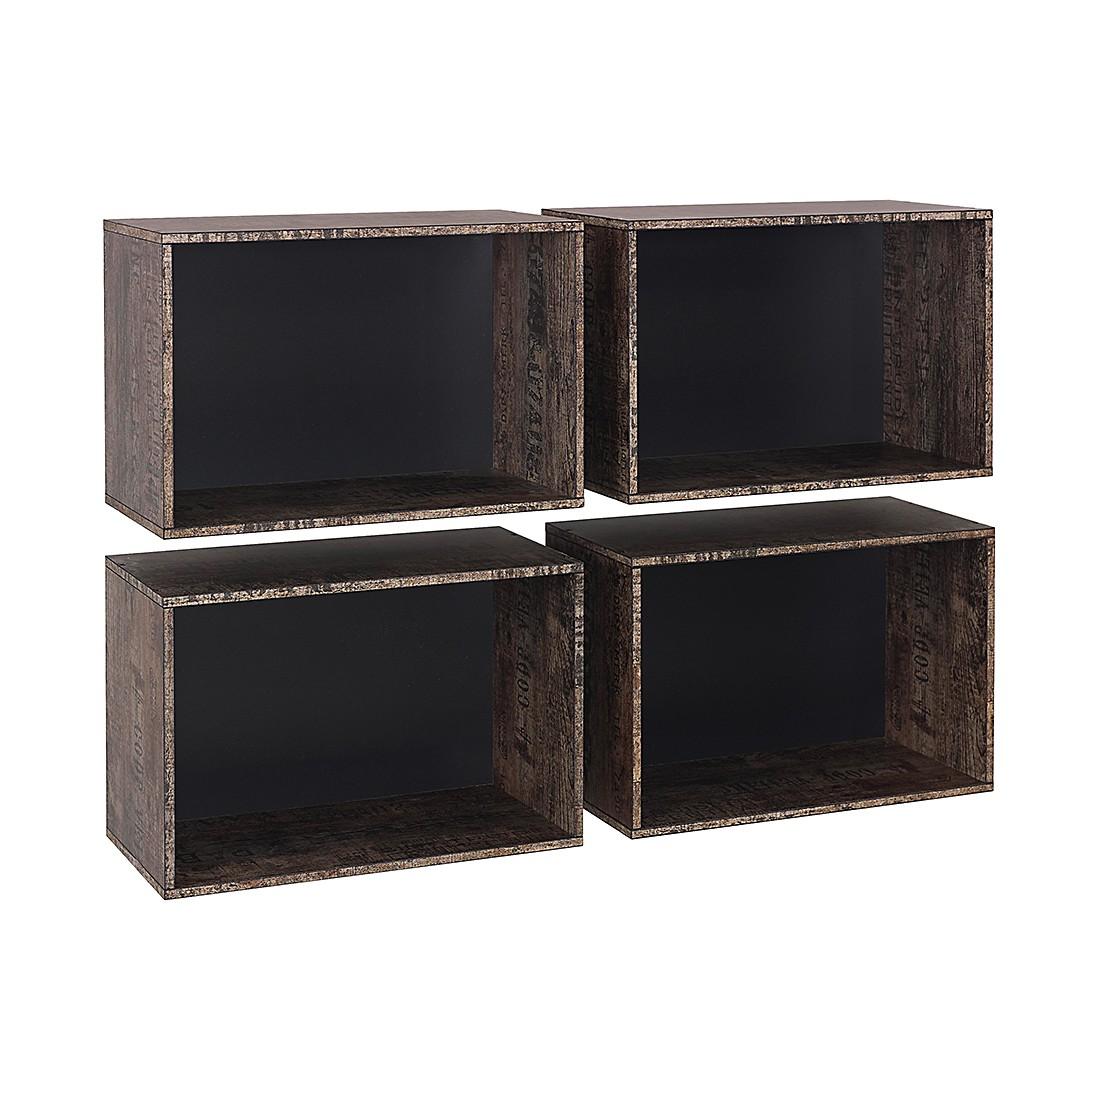 Kisten voor open kast Sumatra (4 delige set) Zwart vintage bruin, Rauch Select